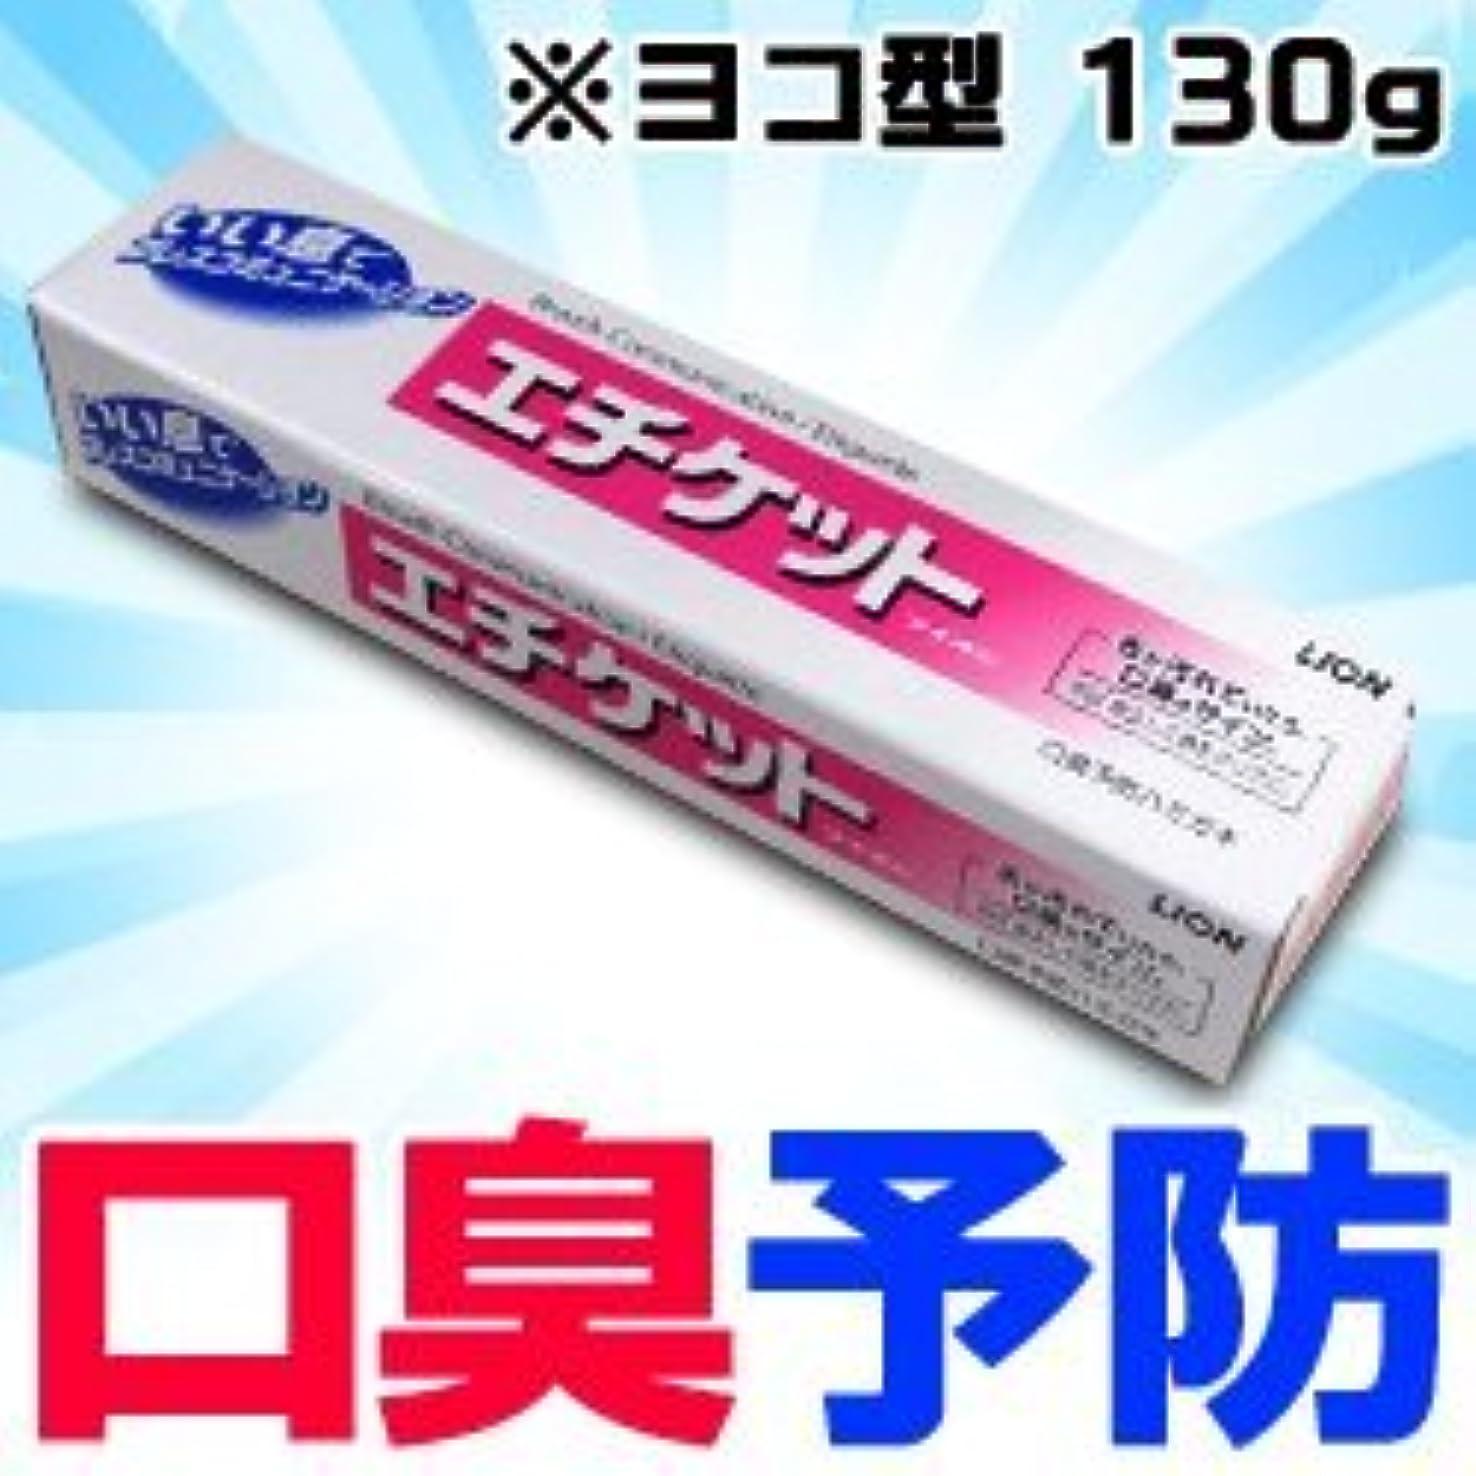 食堂コンサルタント理想的【ライオン】口臭予防ハミガキ「エチケットライオン」 130g ×10個セット